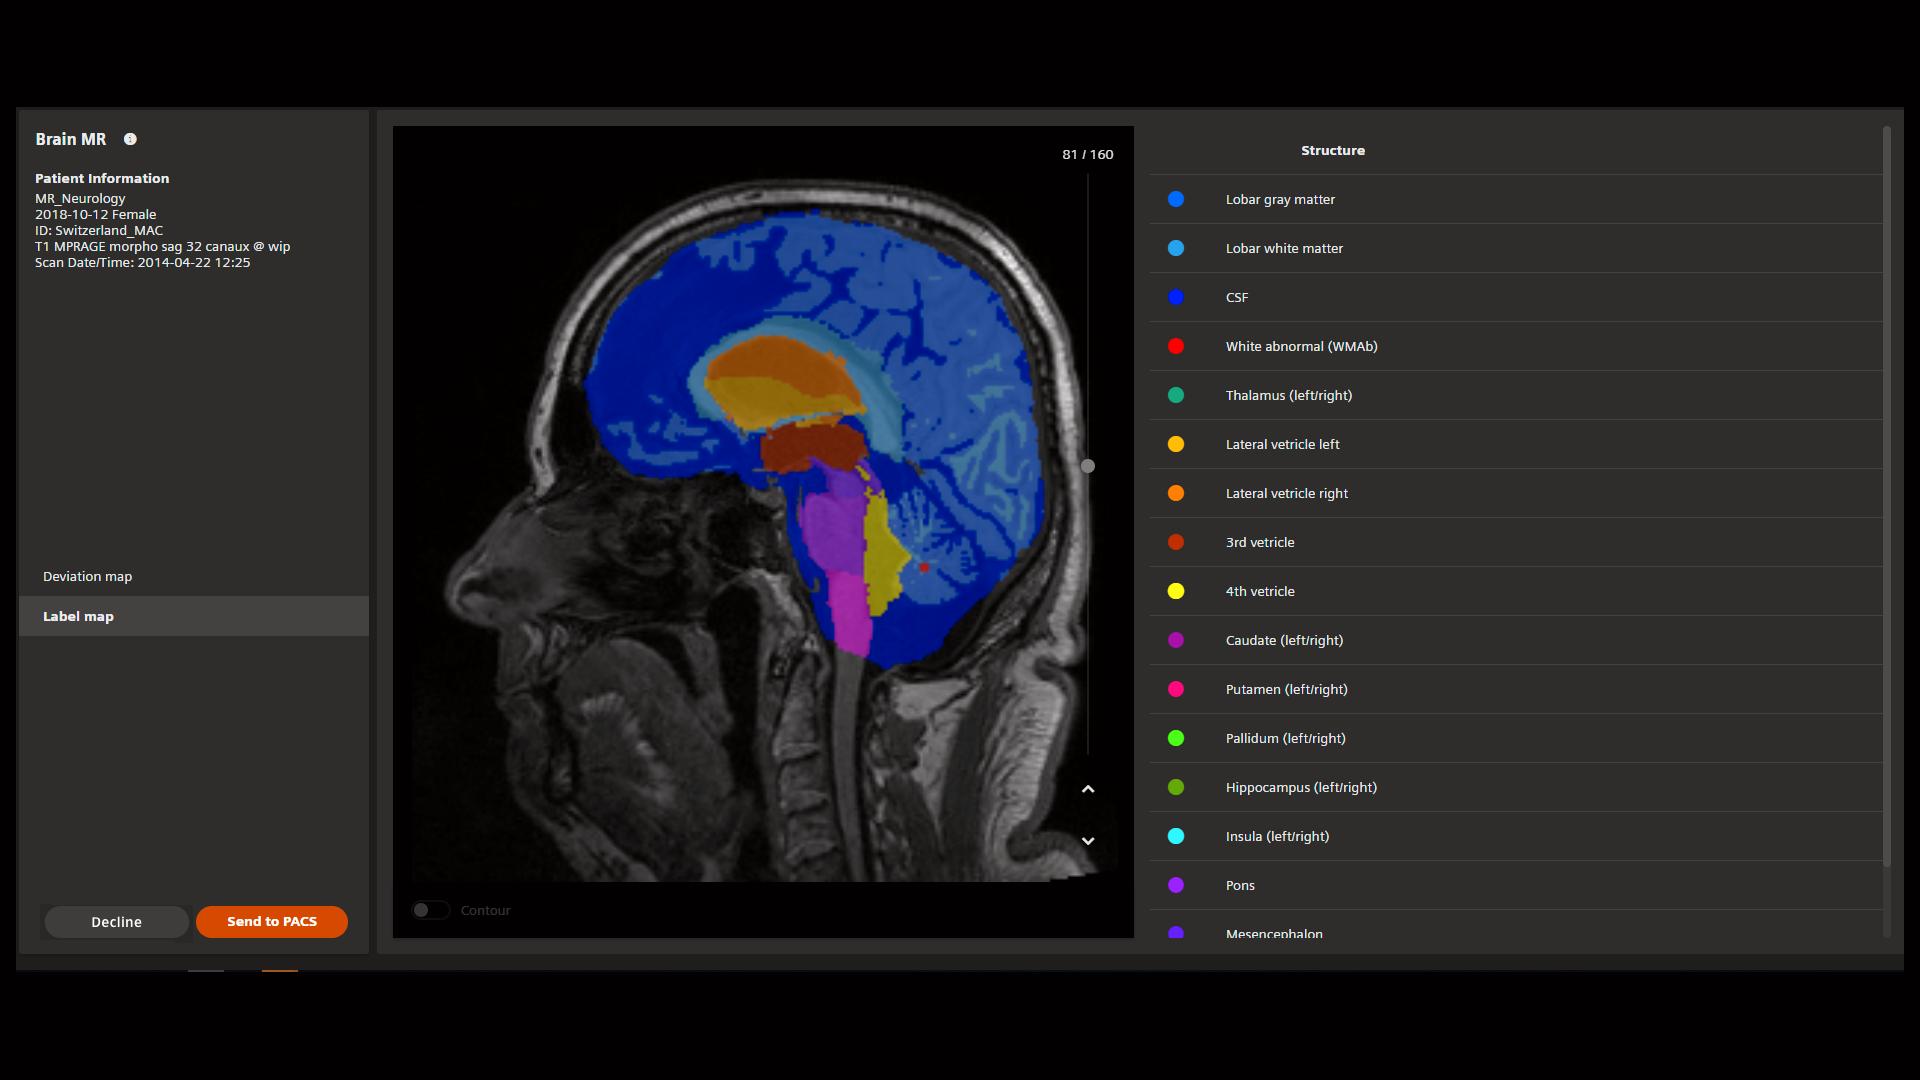 Auf dem Kongress der Radiologischen Gesellschaft Nordamerikas (RSNA 2019) in Chicago, USA, stellt Siemens Healthineers zwei auf Künstlicher Intelligenz basierende Software-Assistenten vor, die Radiologen bei Magnetresonanztomographie-Untersuchungen der Körperregionen Gehirn und Prostata von Routinetätigkeiten entlasten können.